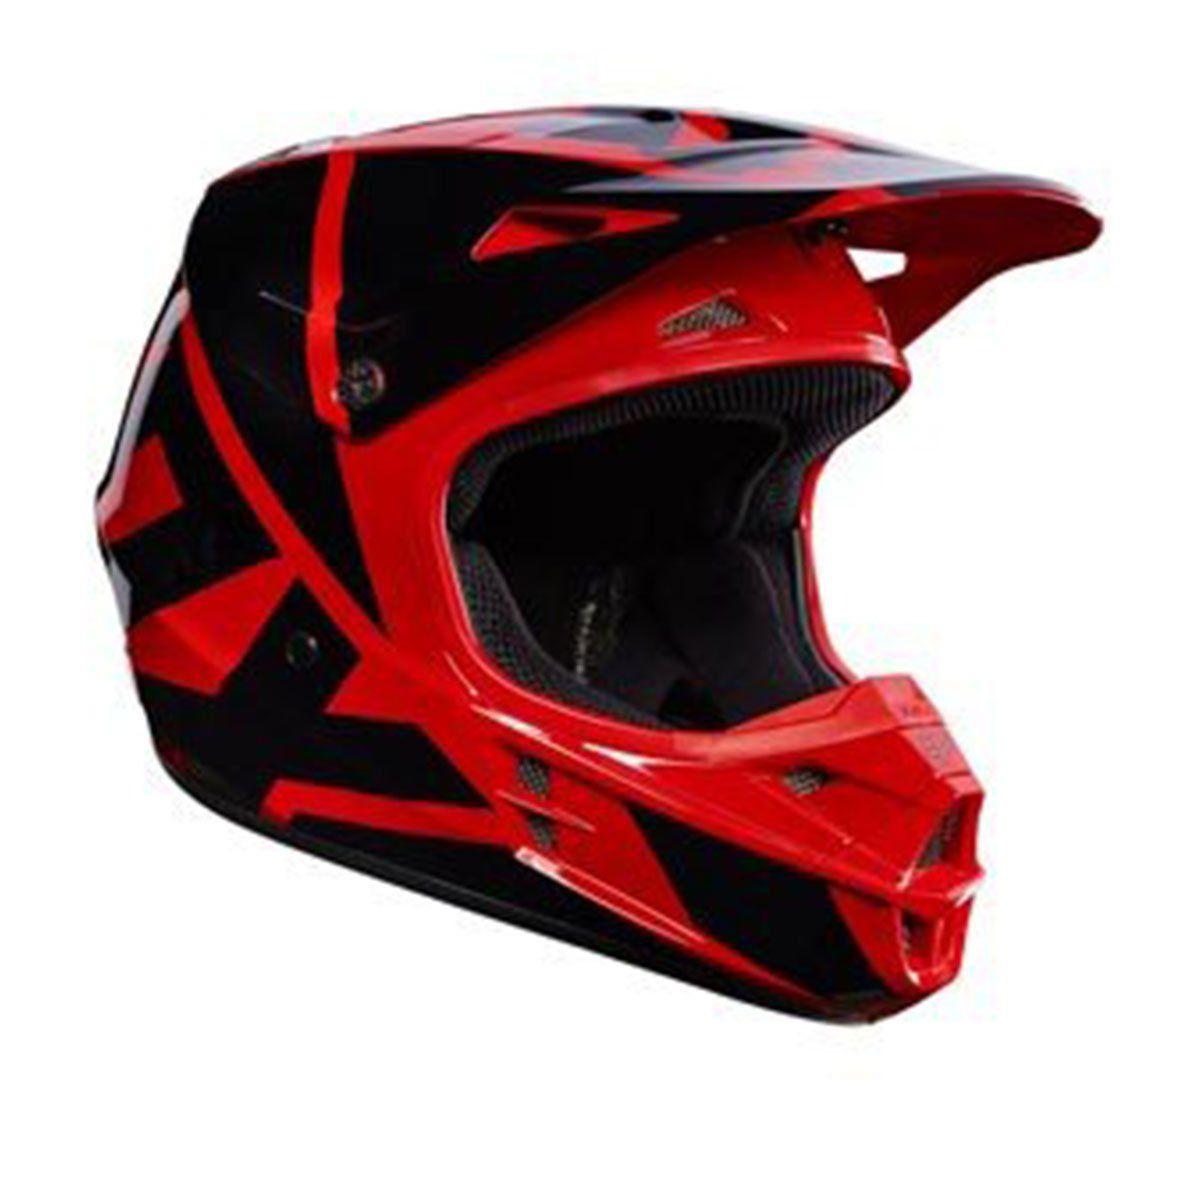 Capacete de Motocross Fox V1 Race Red